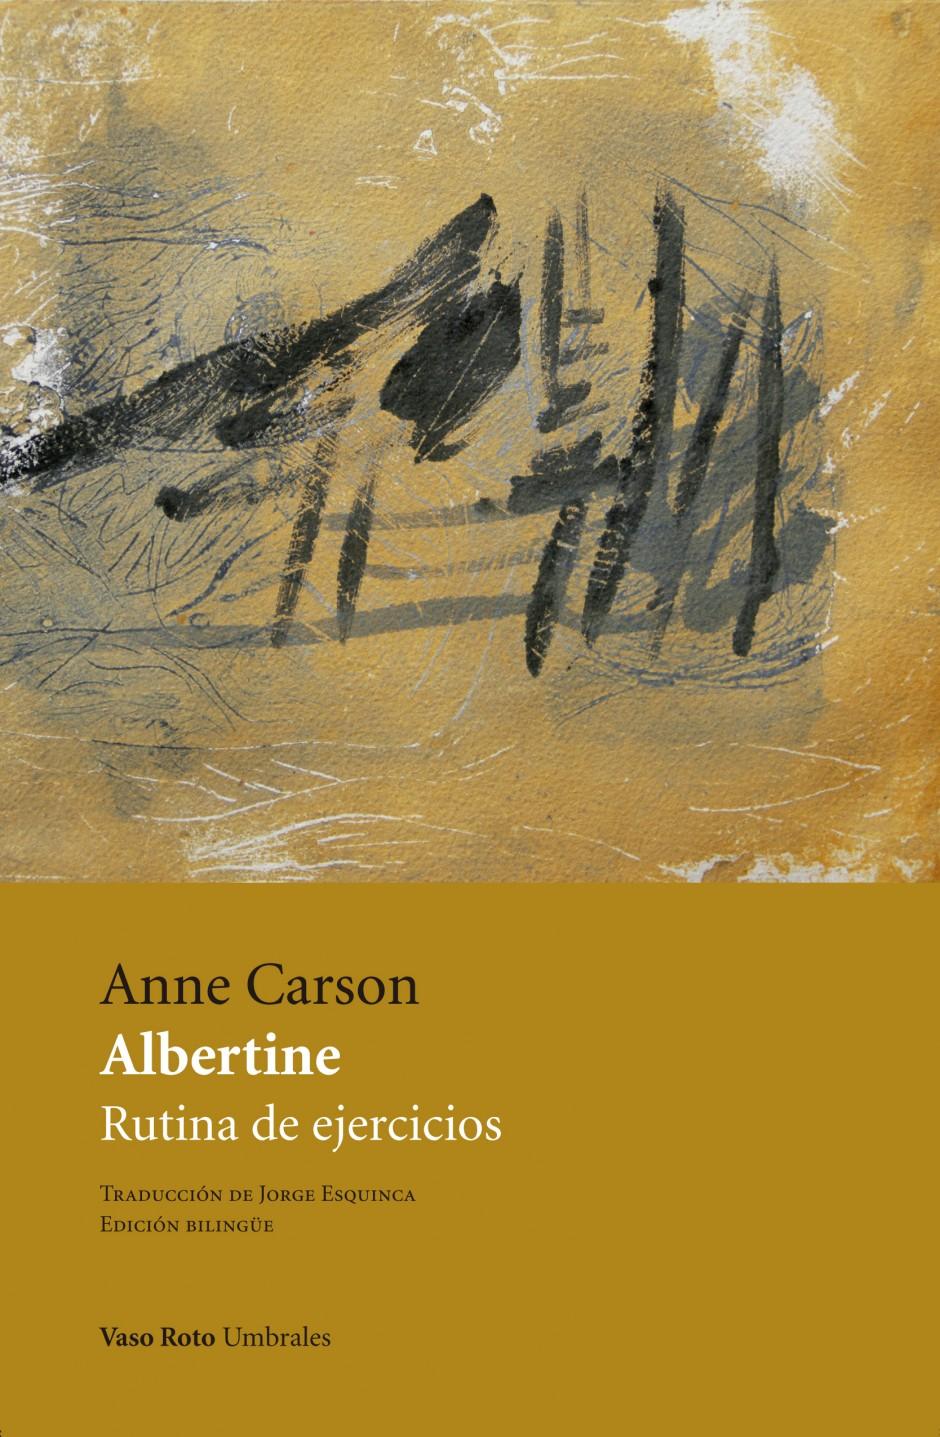 Albertine, de Anne Carson